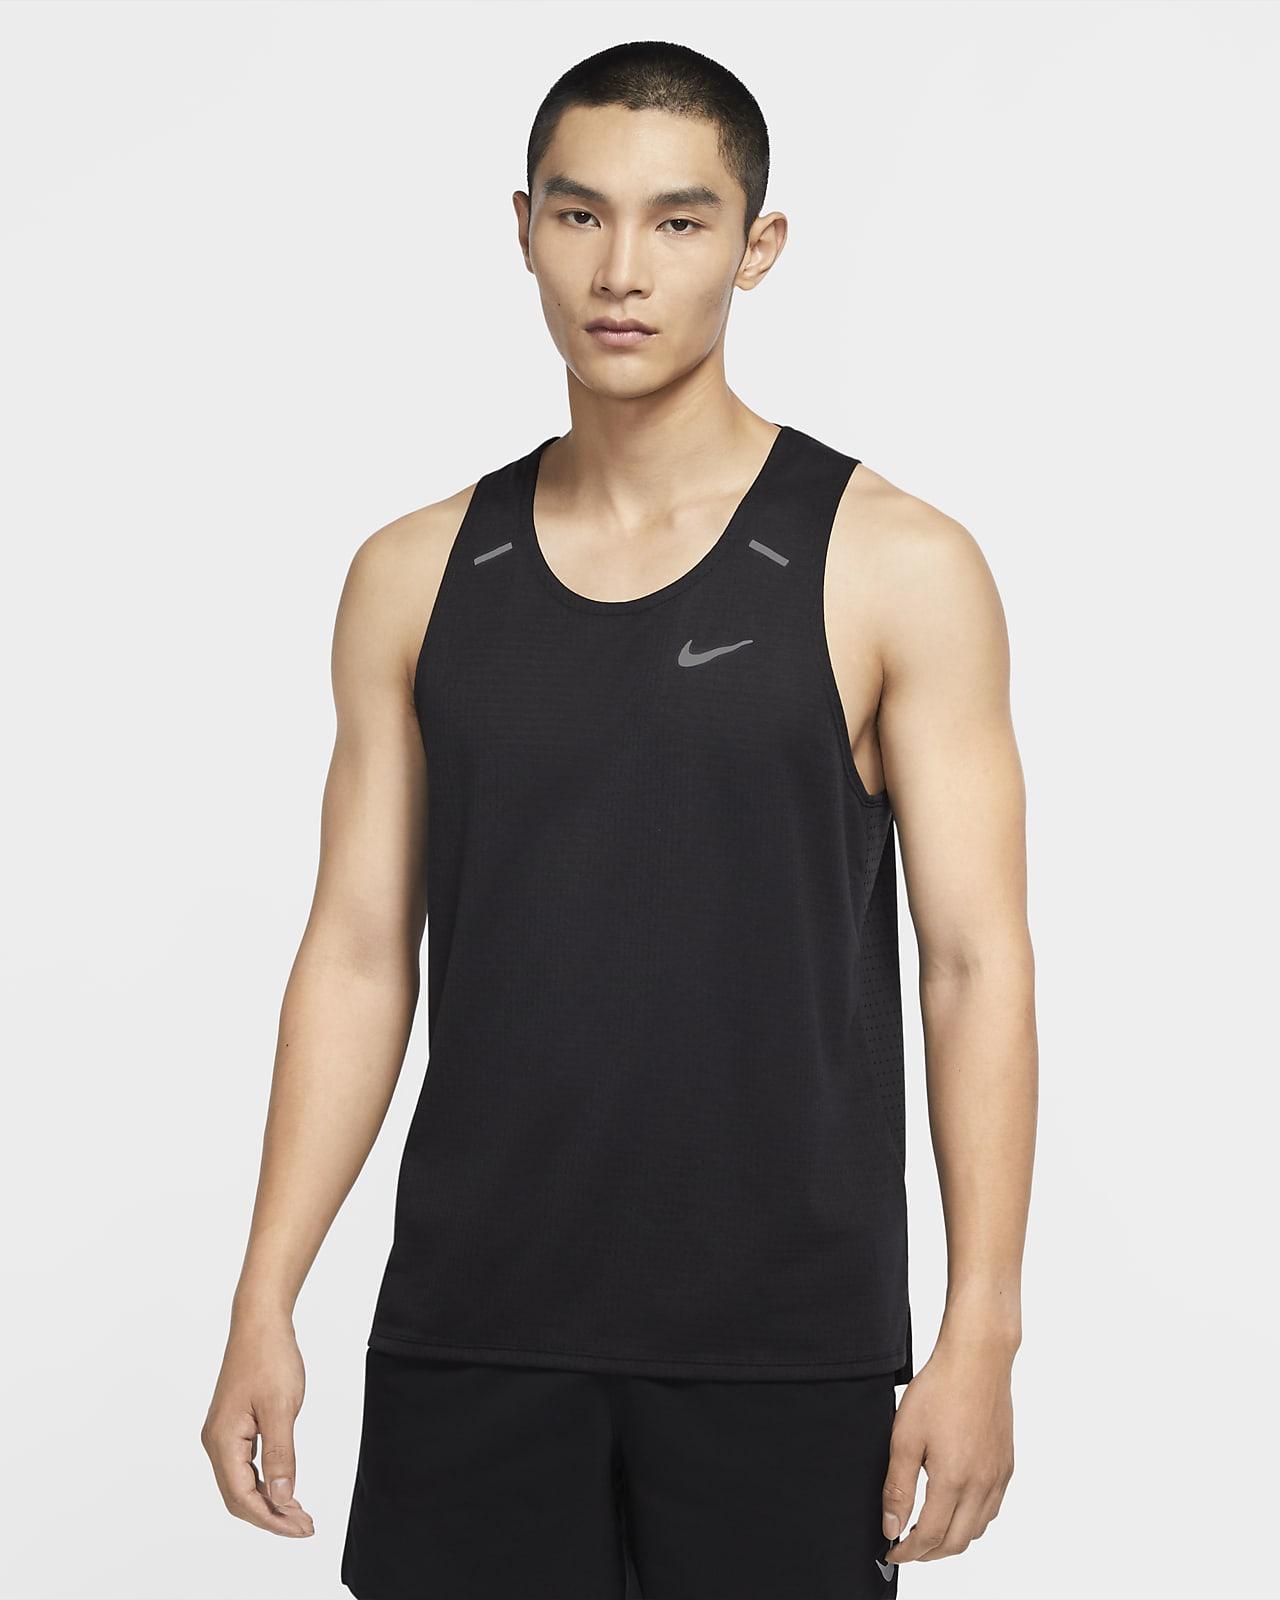 Nike Rise 365 男子跑步背心